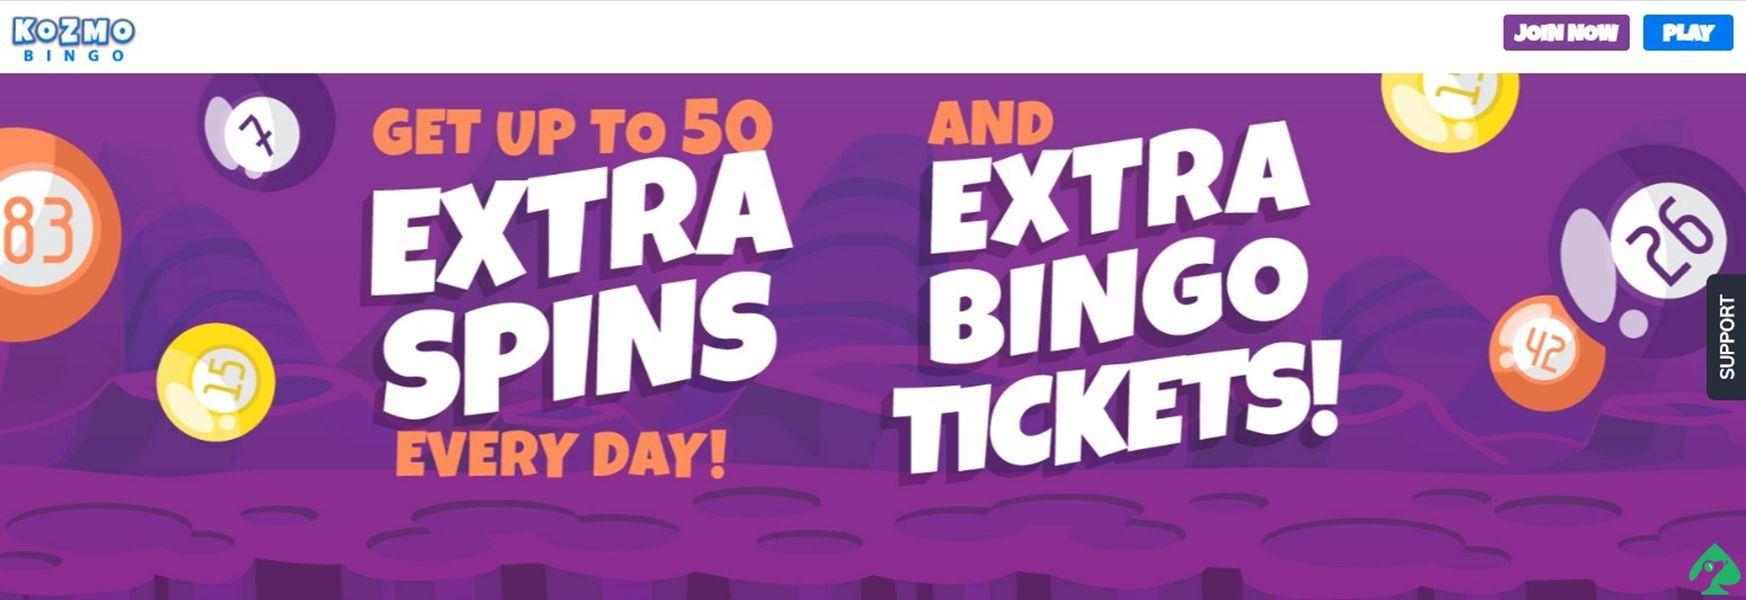 Kozmo Bingo Welcome Deposit Bonus